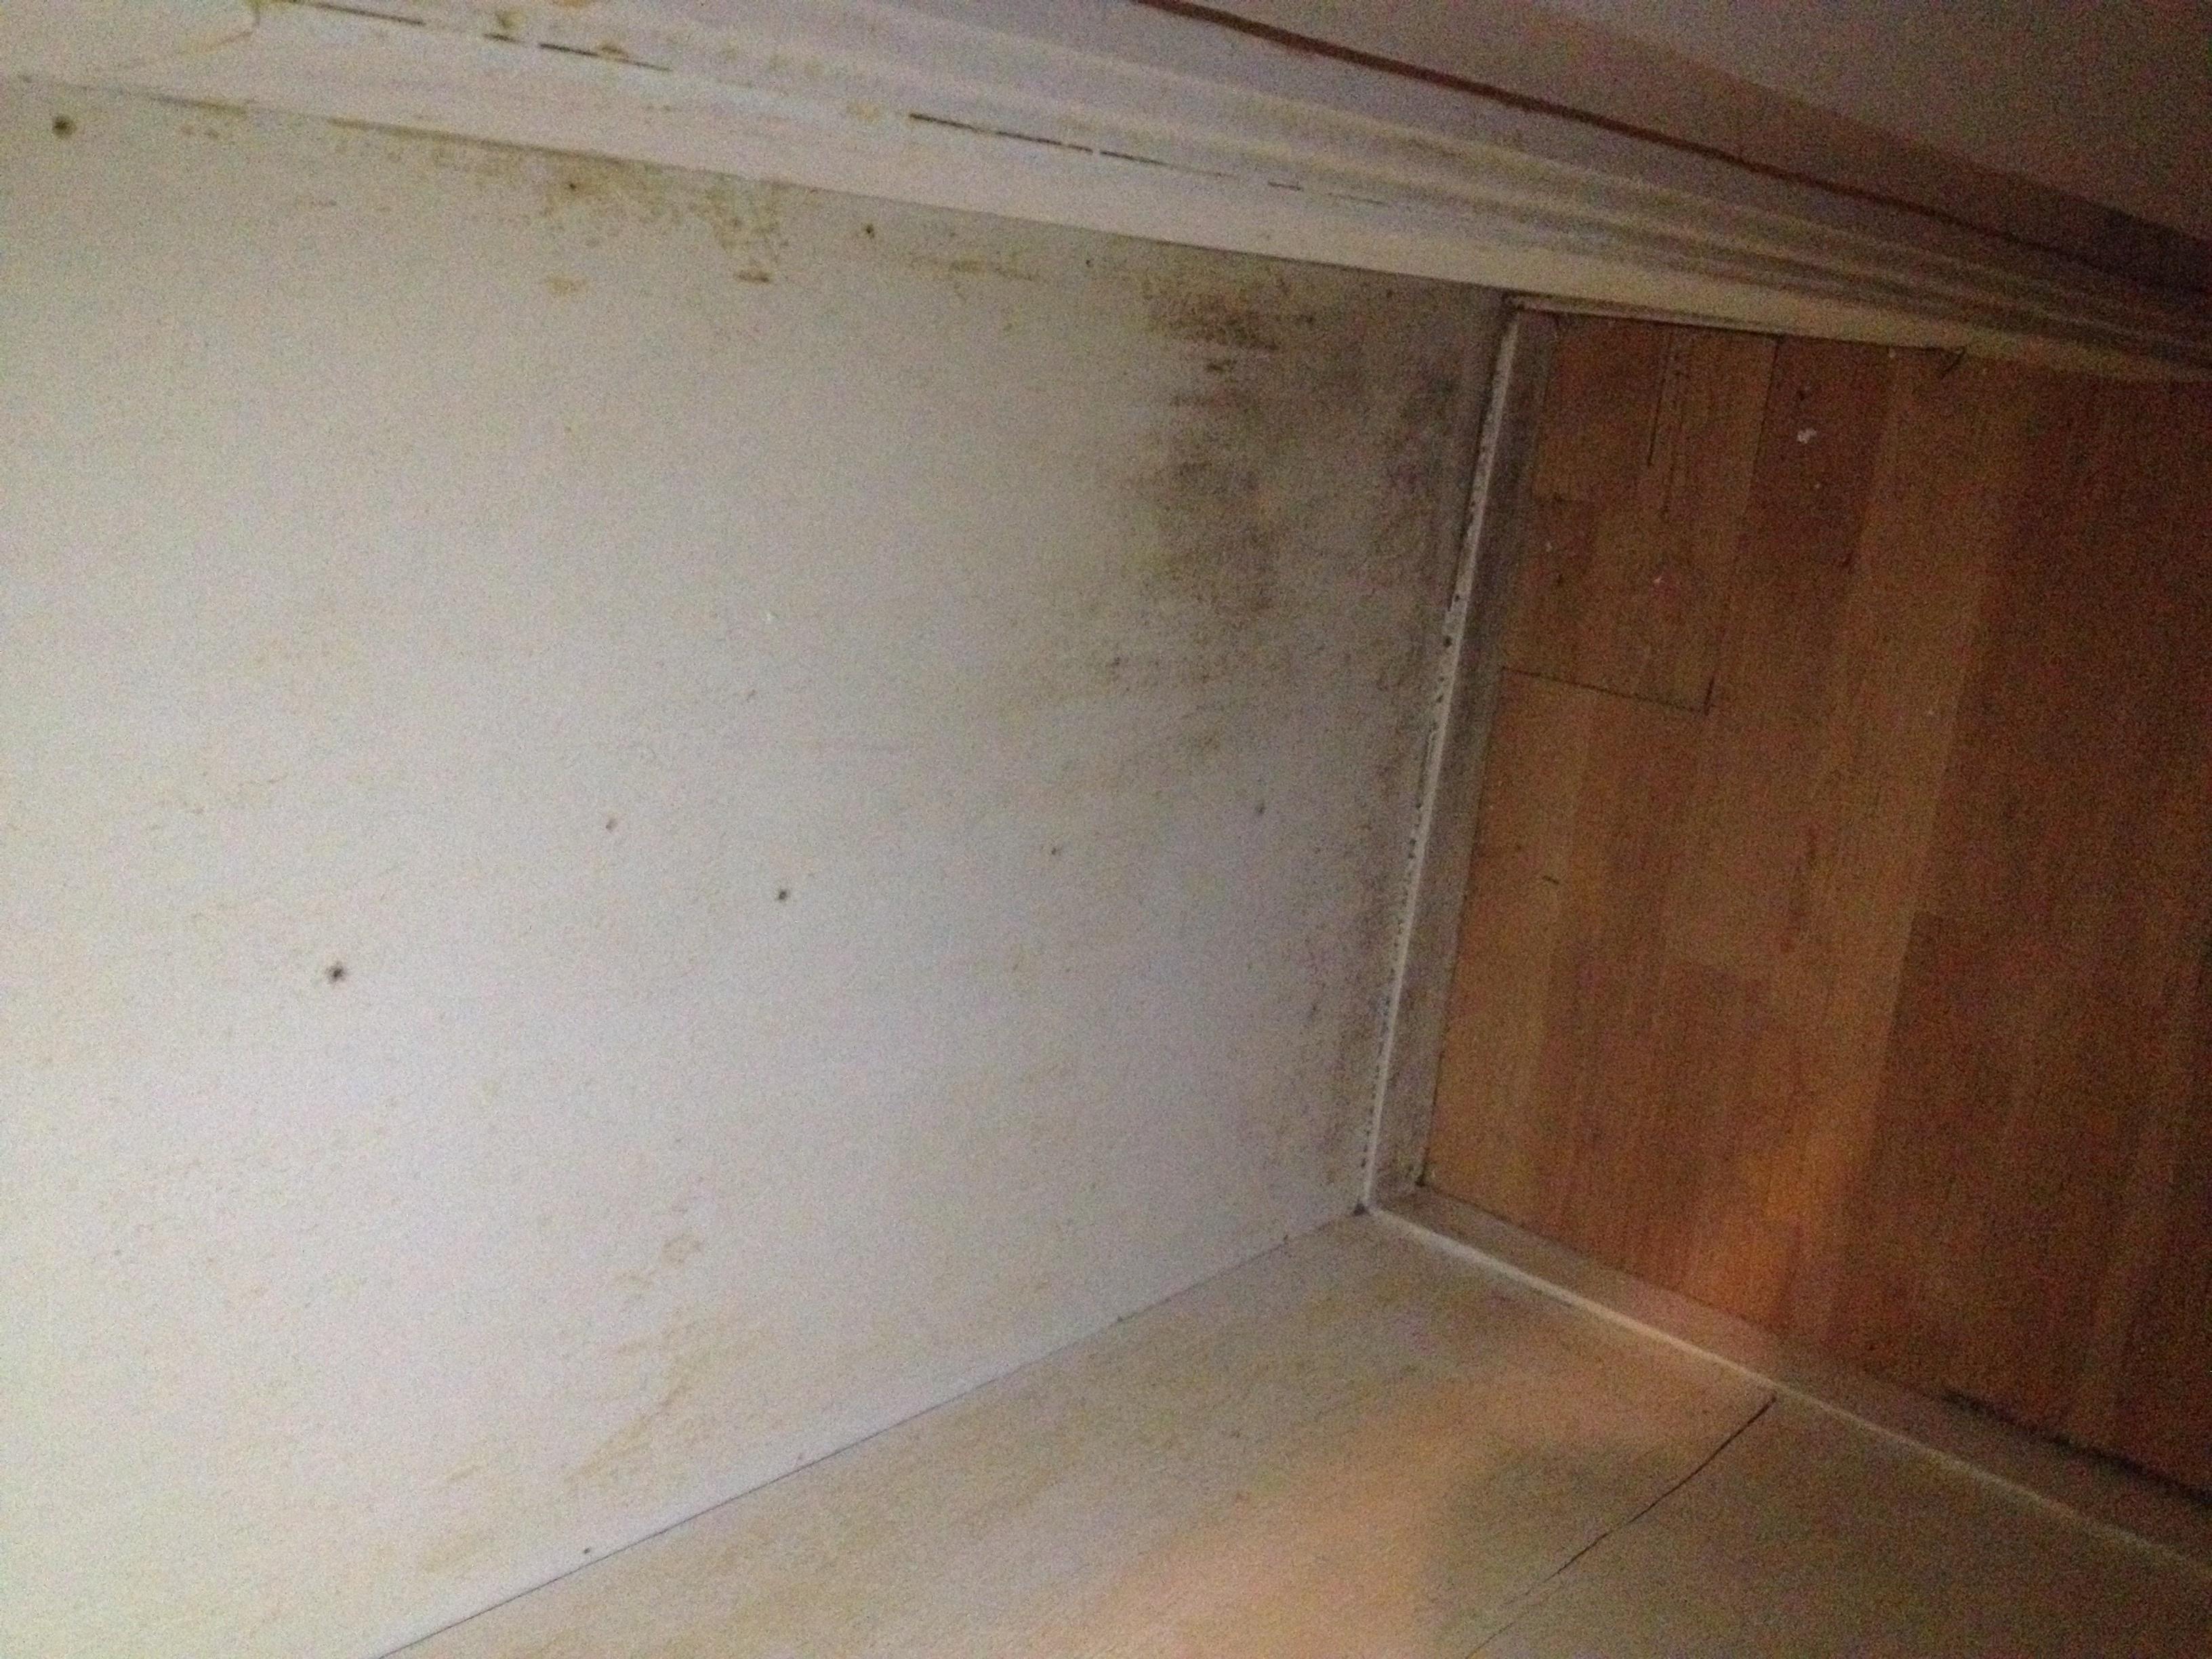 des moisissures dans votre logement que faire ombudsman de montr al. Black Bedroom Furniture Sets. Home Design Ideas